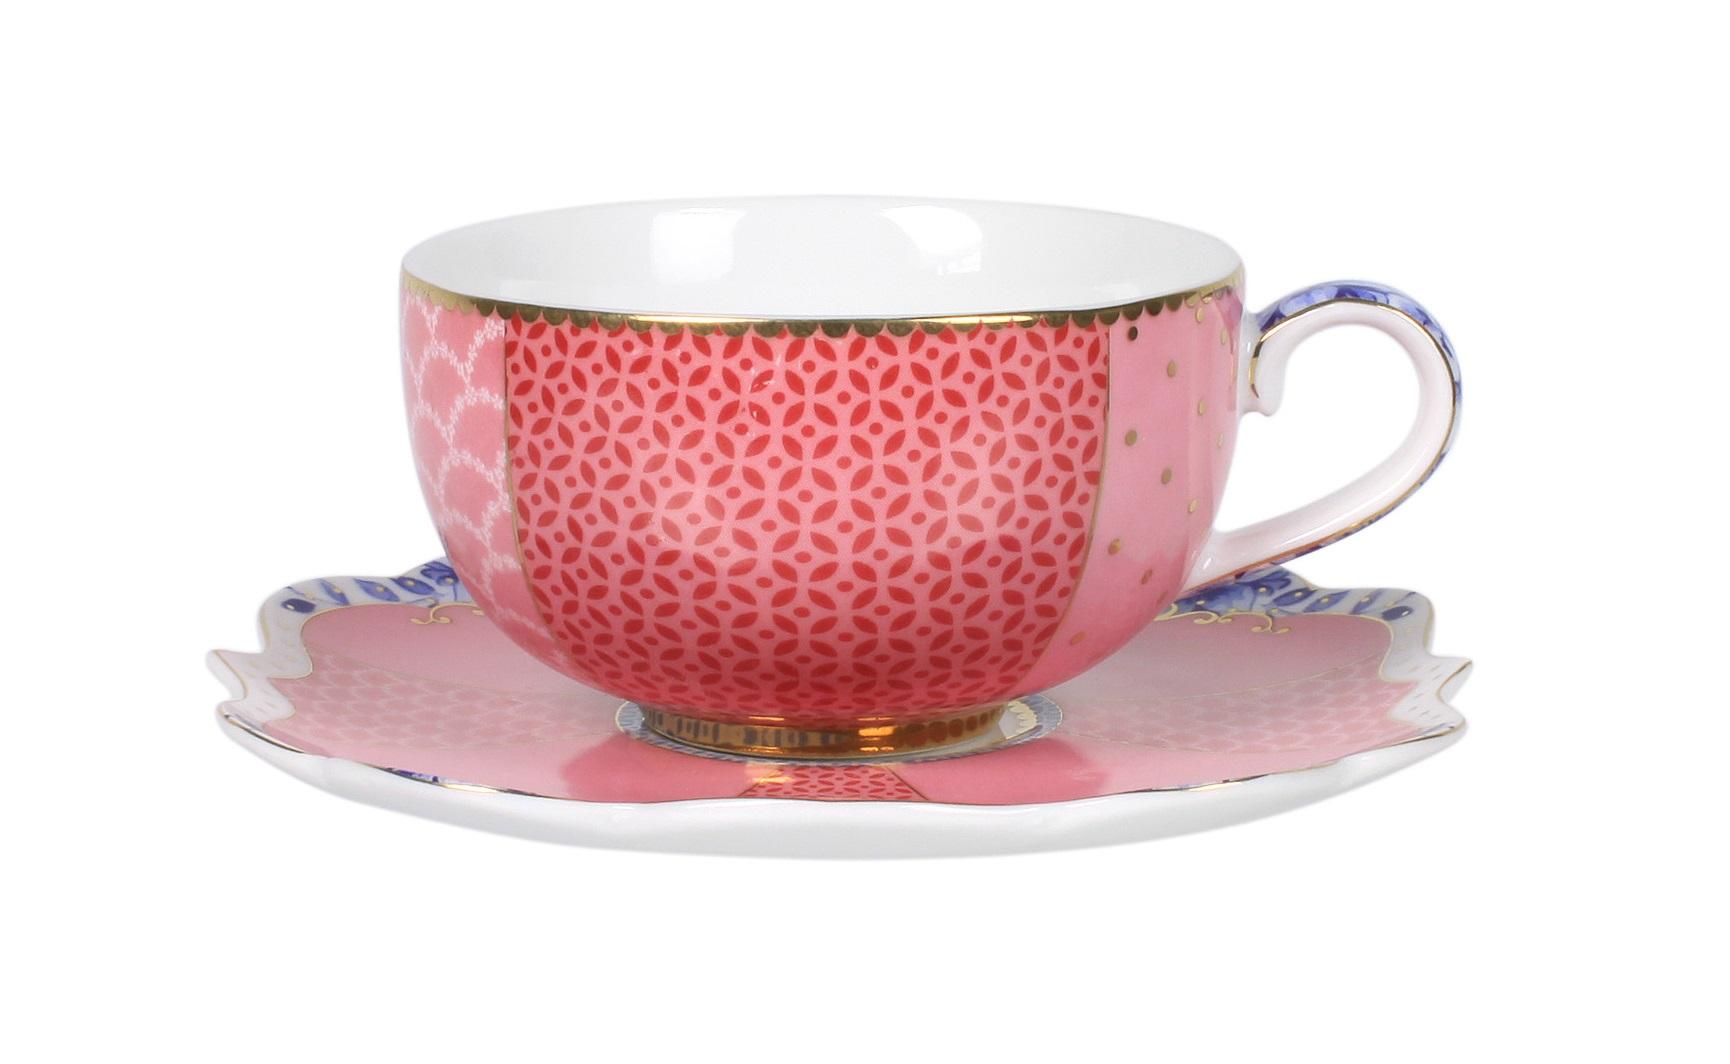 Набор маленьких чашек с блюдцами Royal (2шт)Чайные пары, чашки и кружки<br>Объём 125 мл. Не использовать в микроволновой печи. Не рекомендуется мыть в посудомоечной машине.<br><br>Material: Фарфор<br>Высота см: 4